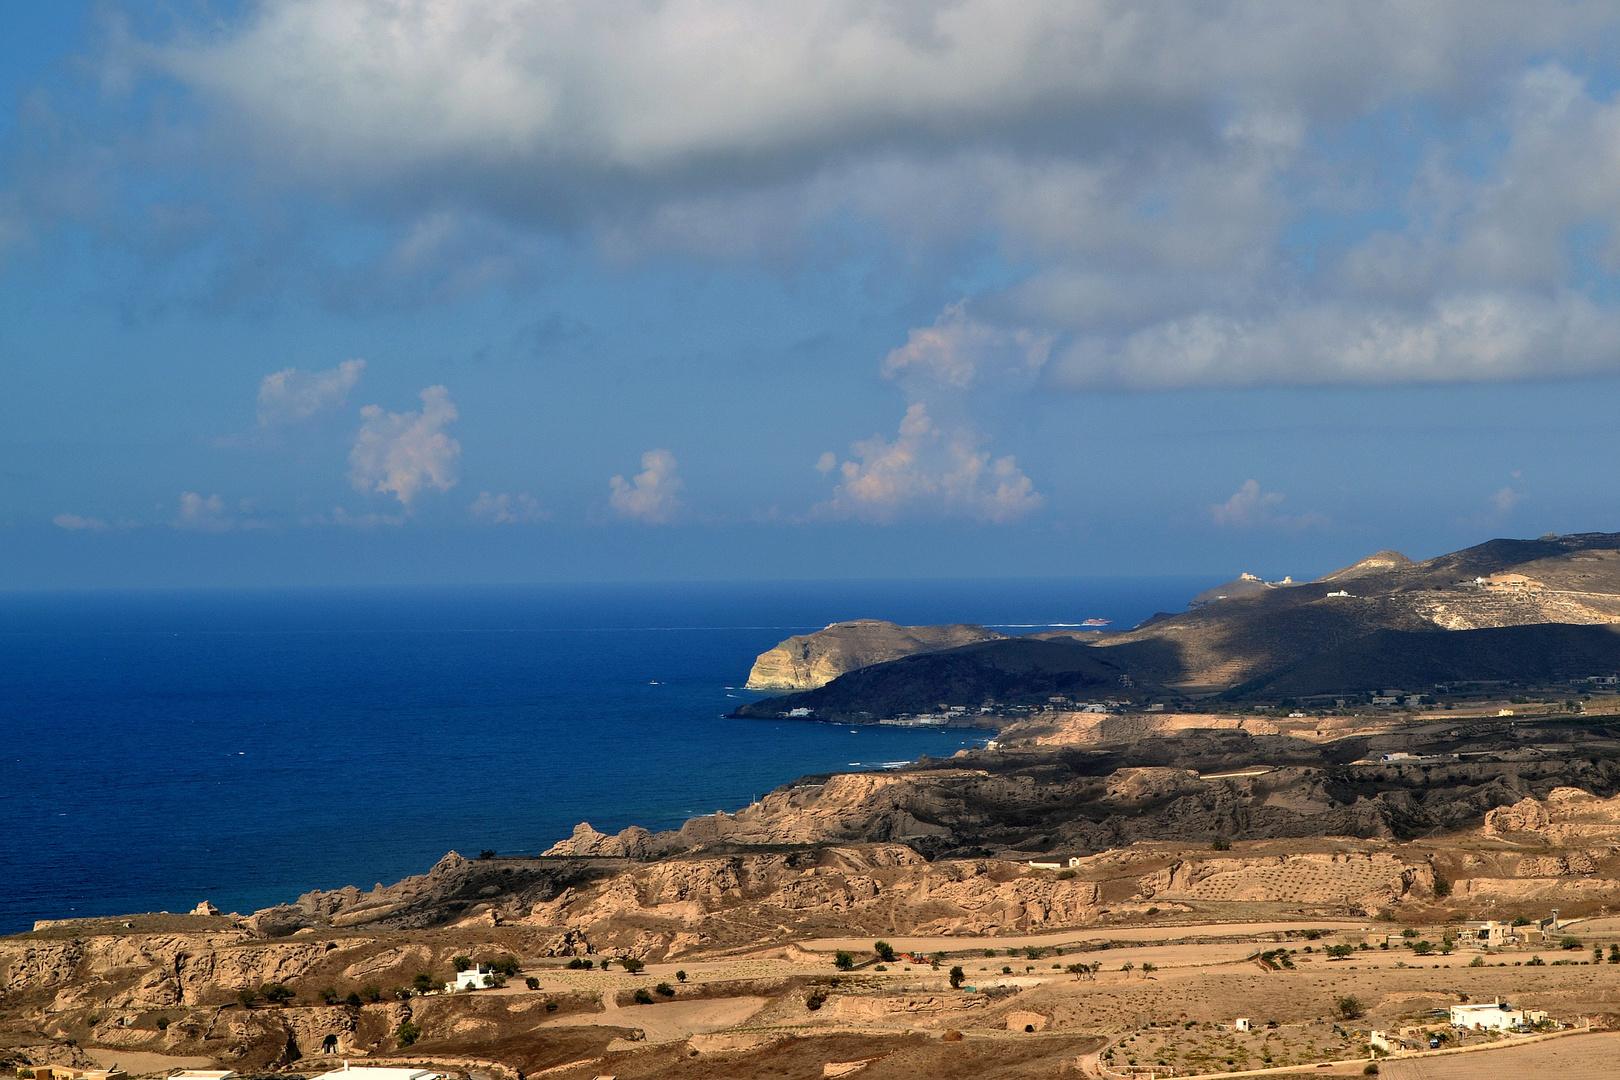 Santorini 2014, Emborio 19